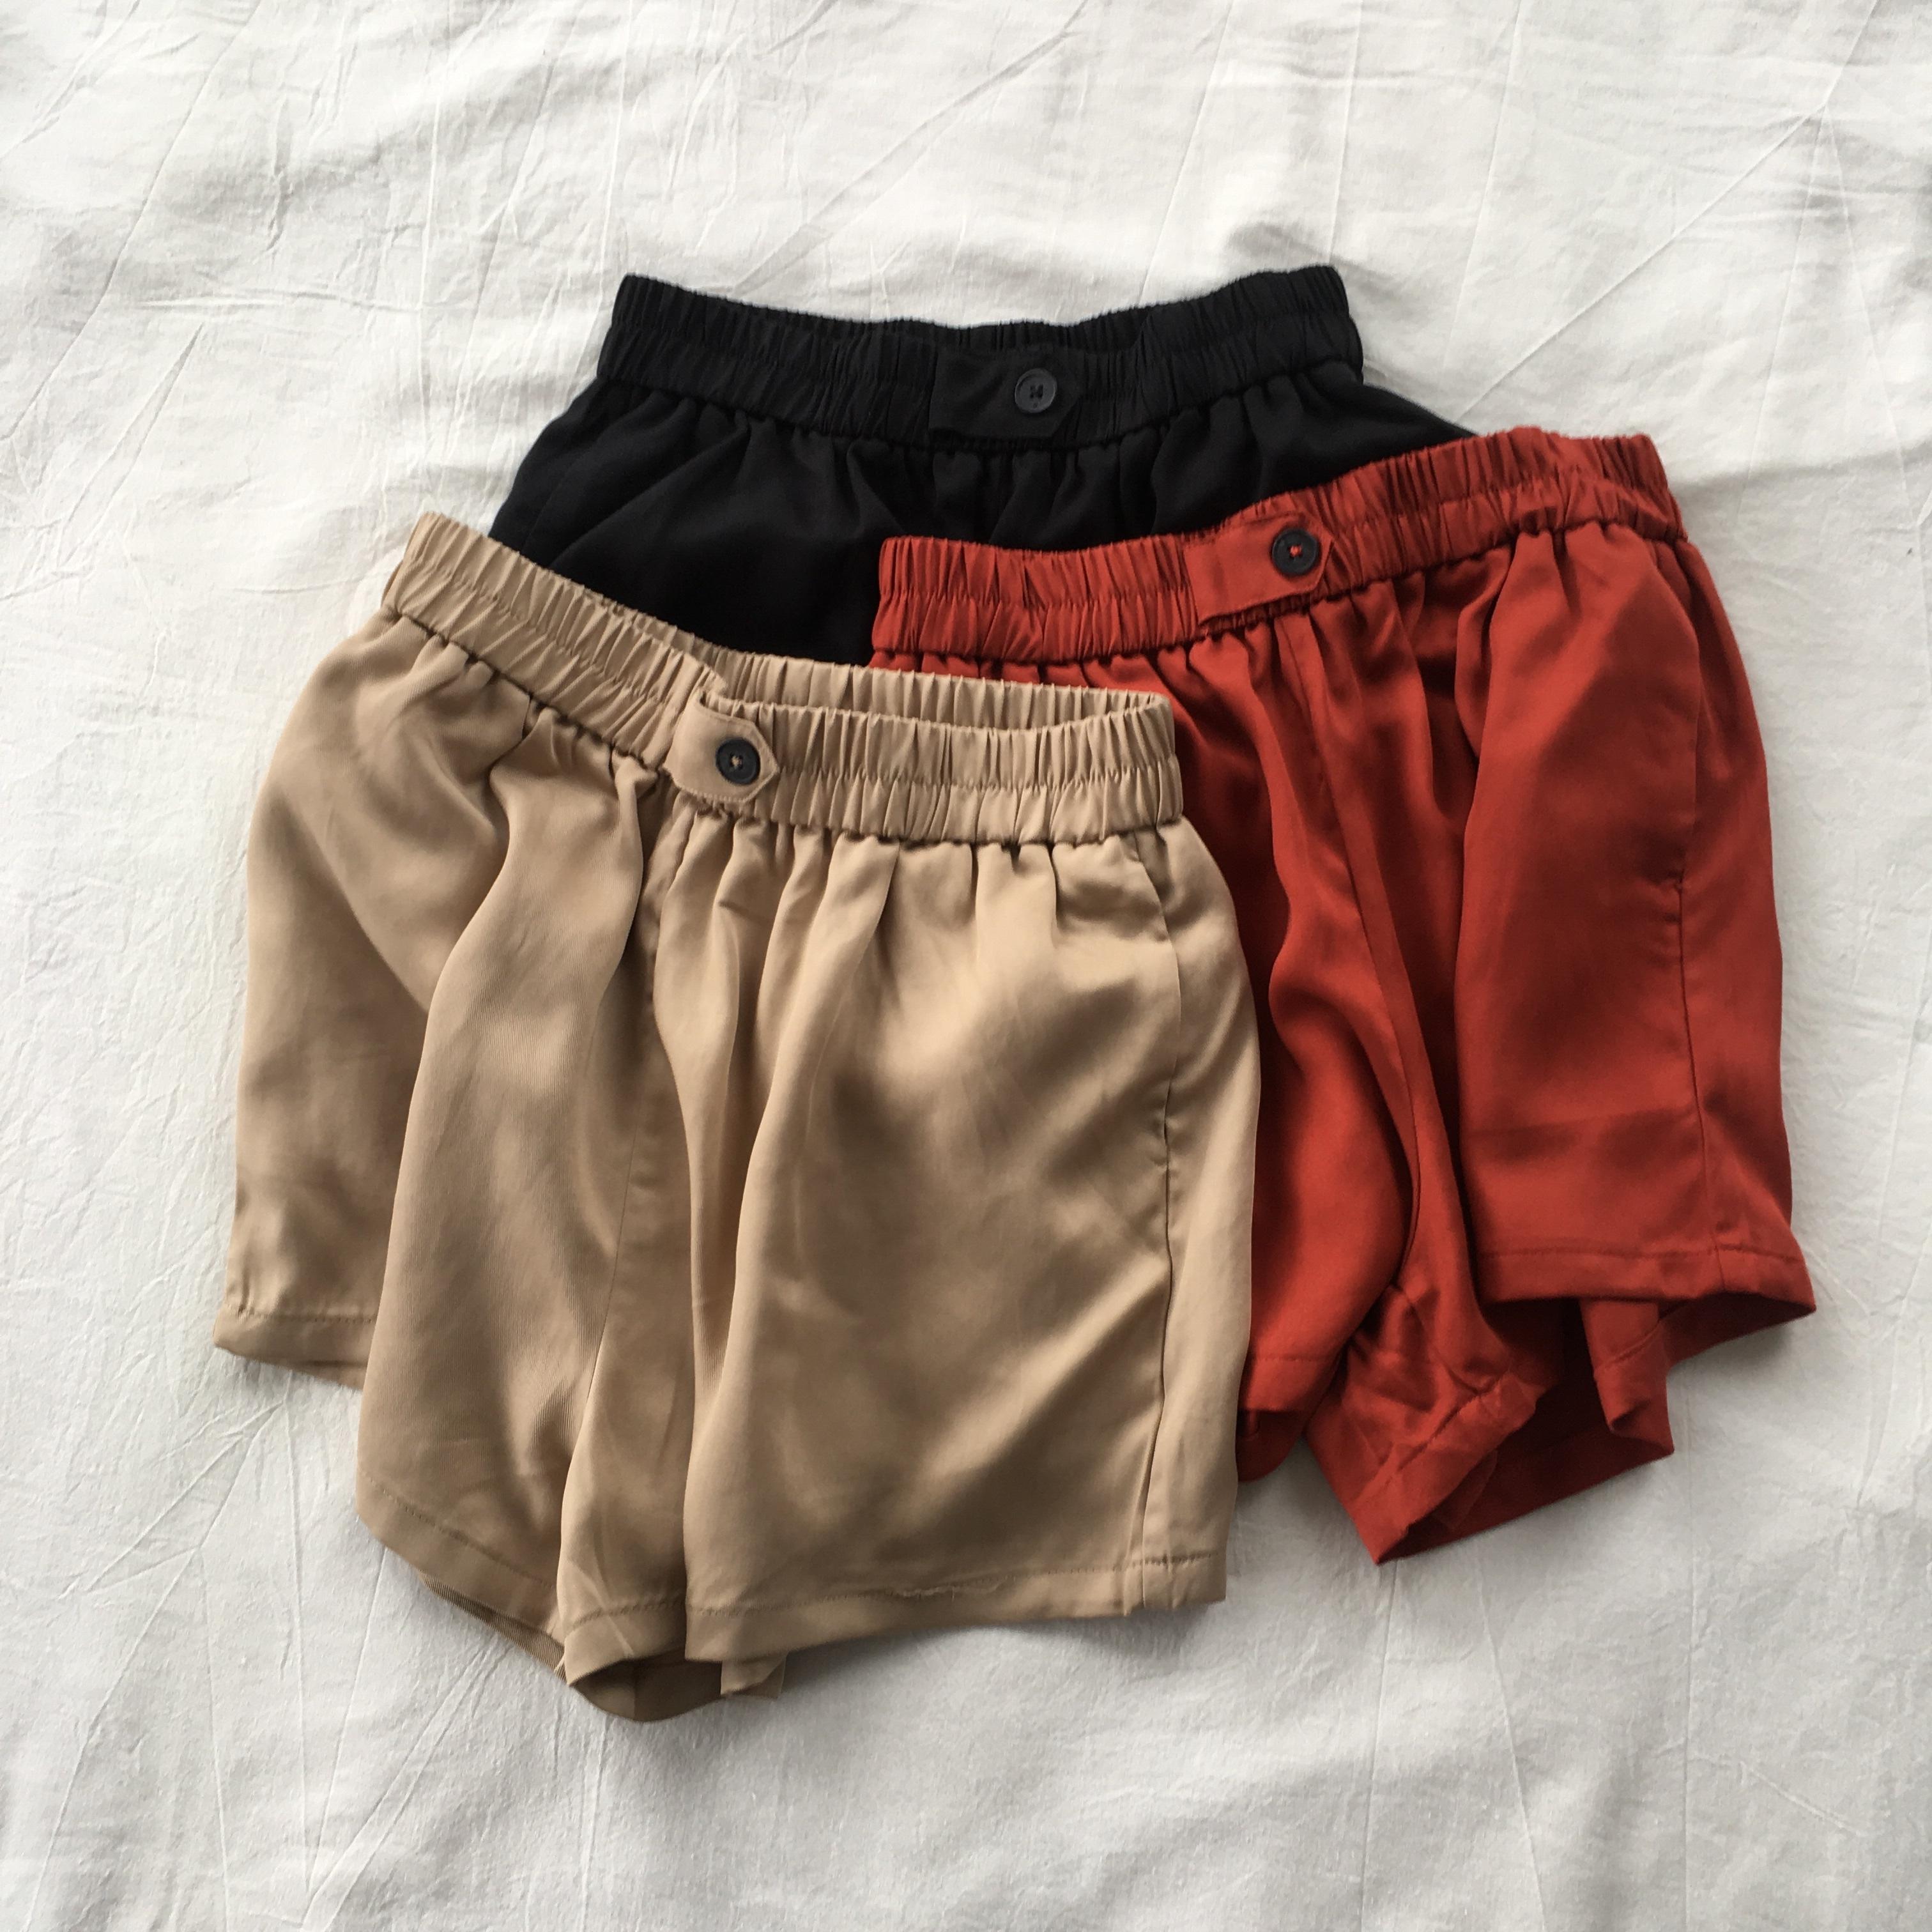 显腿长遮肉天丝短裤女 夏季口袋松紧腰垂感铜氨丝高腰阔腿裙裤潮热销0件限时秒杀